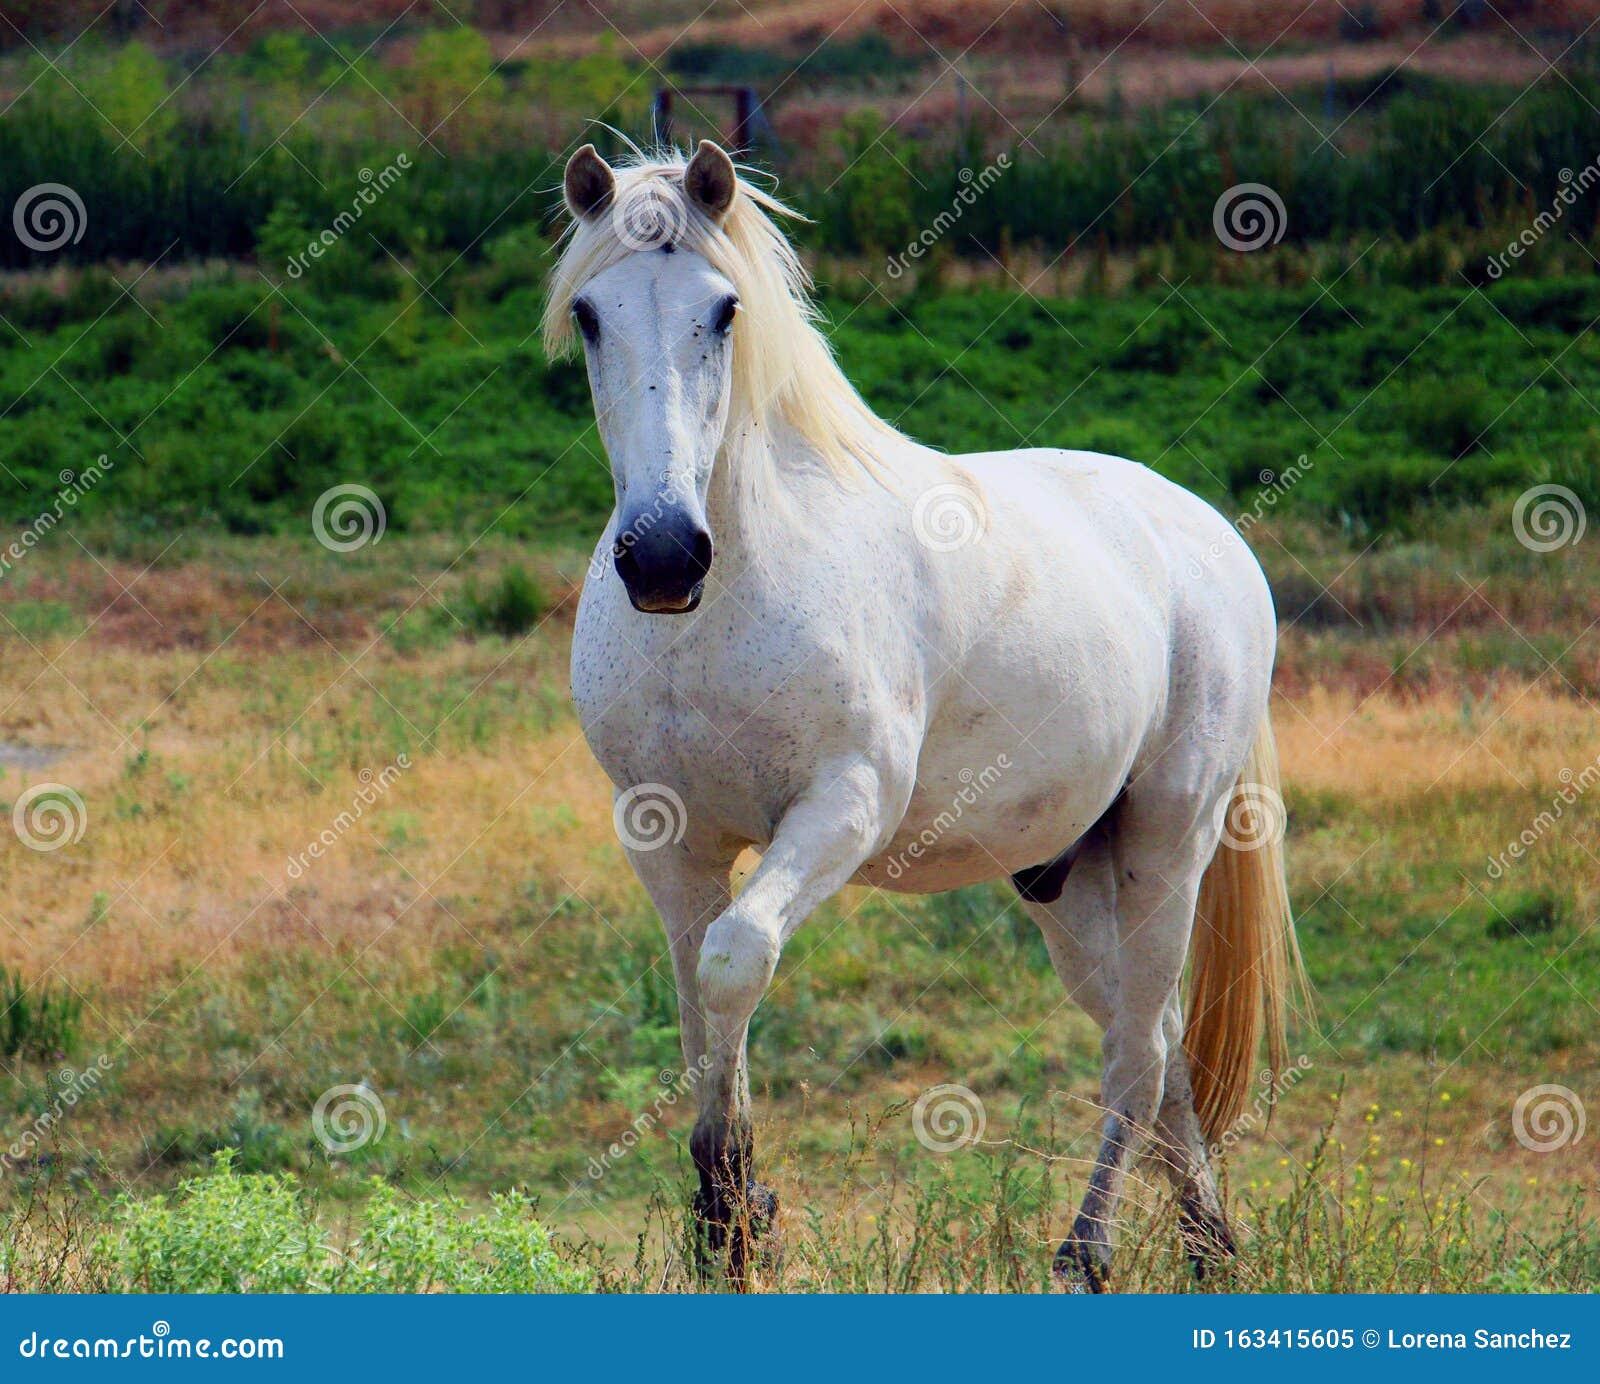 Beautiful White Horse Stock Image Image Of White Beauty 163415605